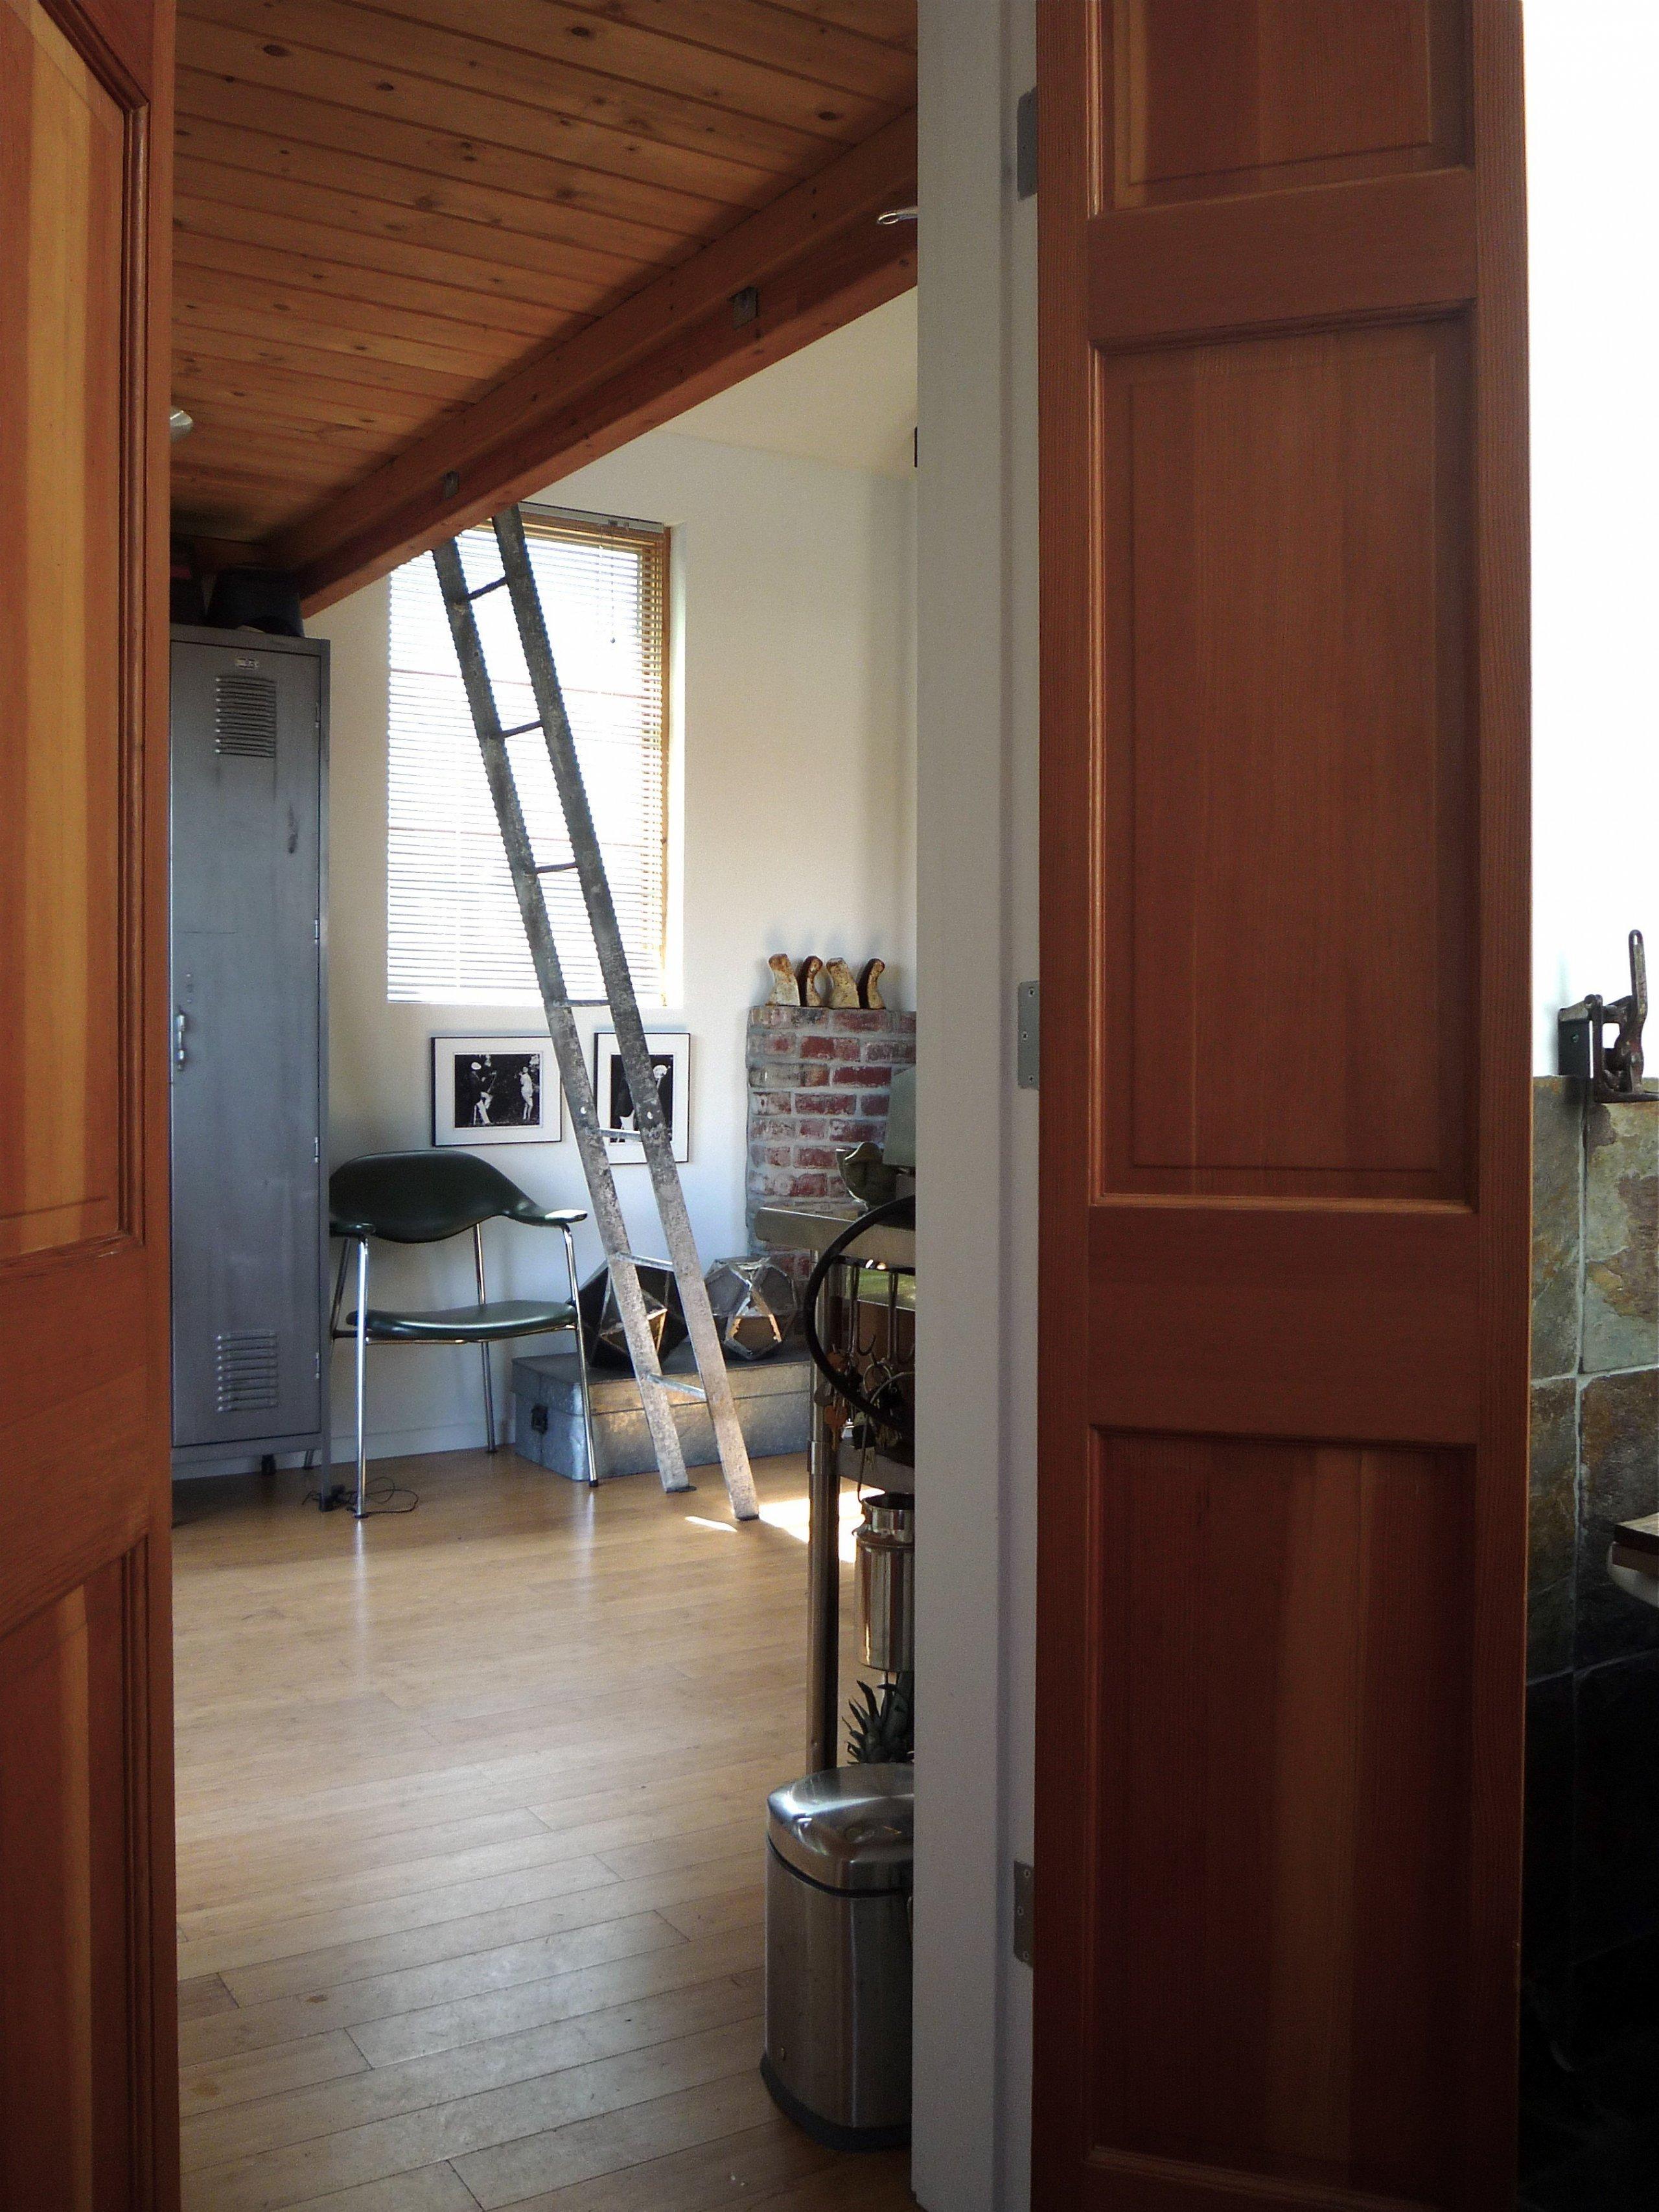 Garáž o rozloze 23 m2 přeměnila designerka a umělkyně Michelle de la Vega na útulné místečko pro život. Když říkáme proměnit garáž v běžně obývaný interiér, nemáme tím rozhodně na mysli to, že garáž zbavíme nejhoršího prachu, na podlahu hodíme běhoun a umístíme tam rozkládací válendu a starou televizi.